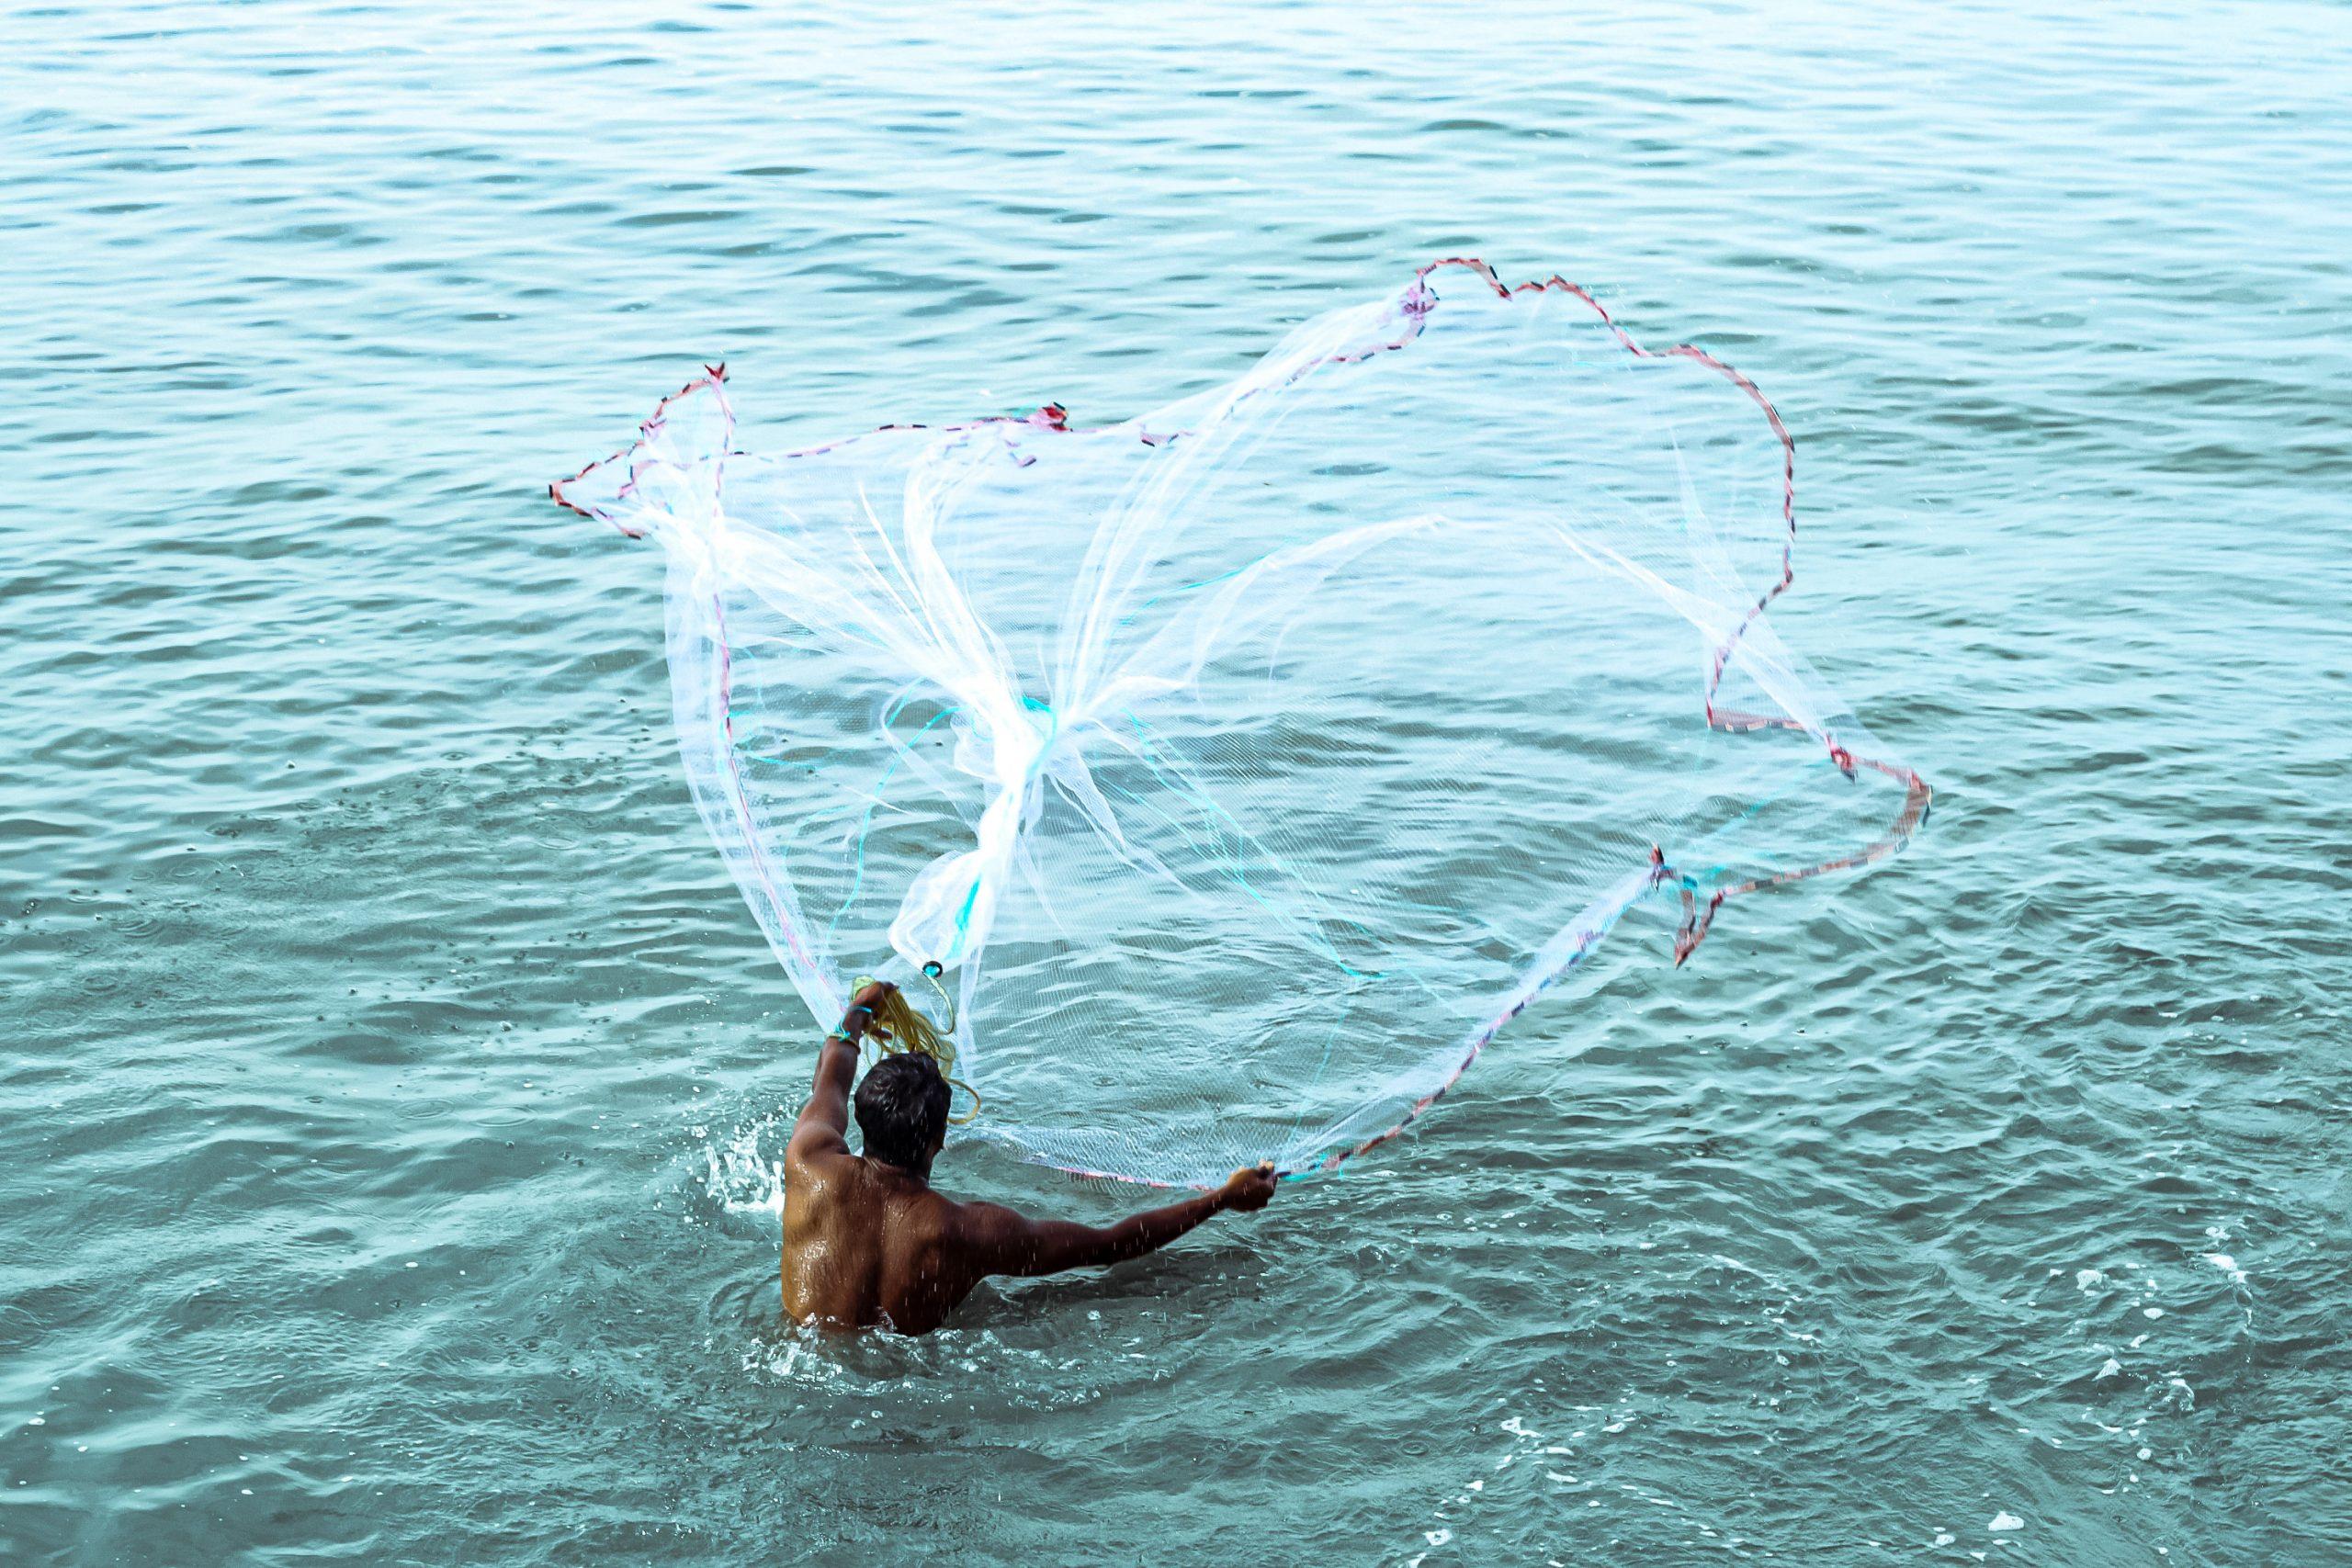 Man Throwing a Fishing Net